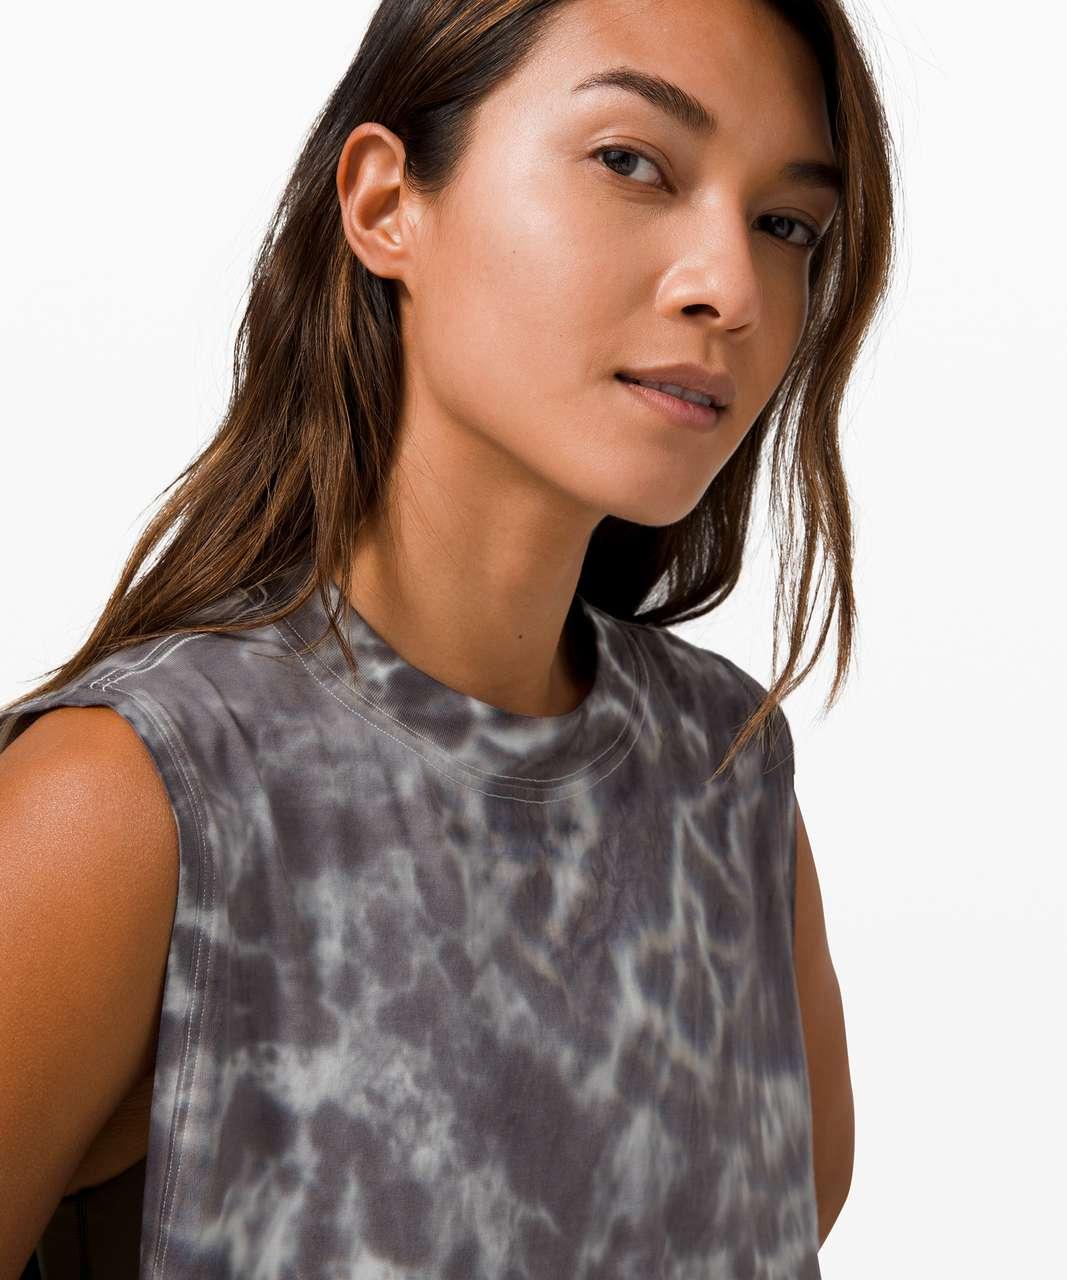 Lululemon All Yours Tank *Tie Dye - Marmoleado Tie Dye Graphite Grey